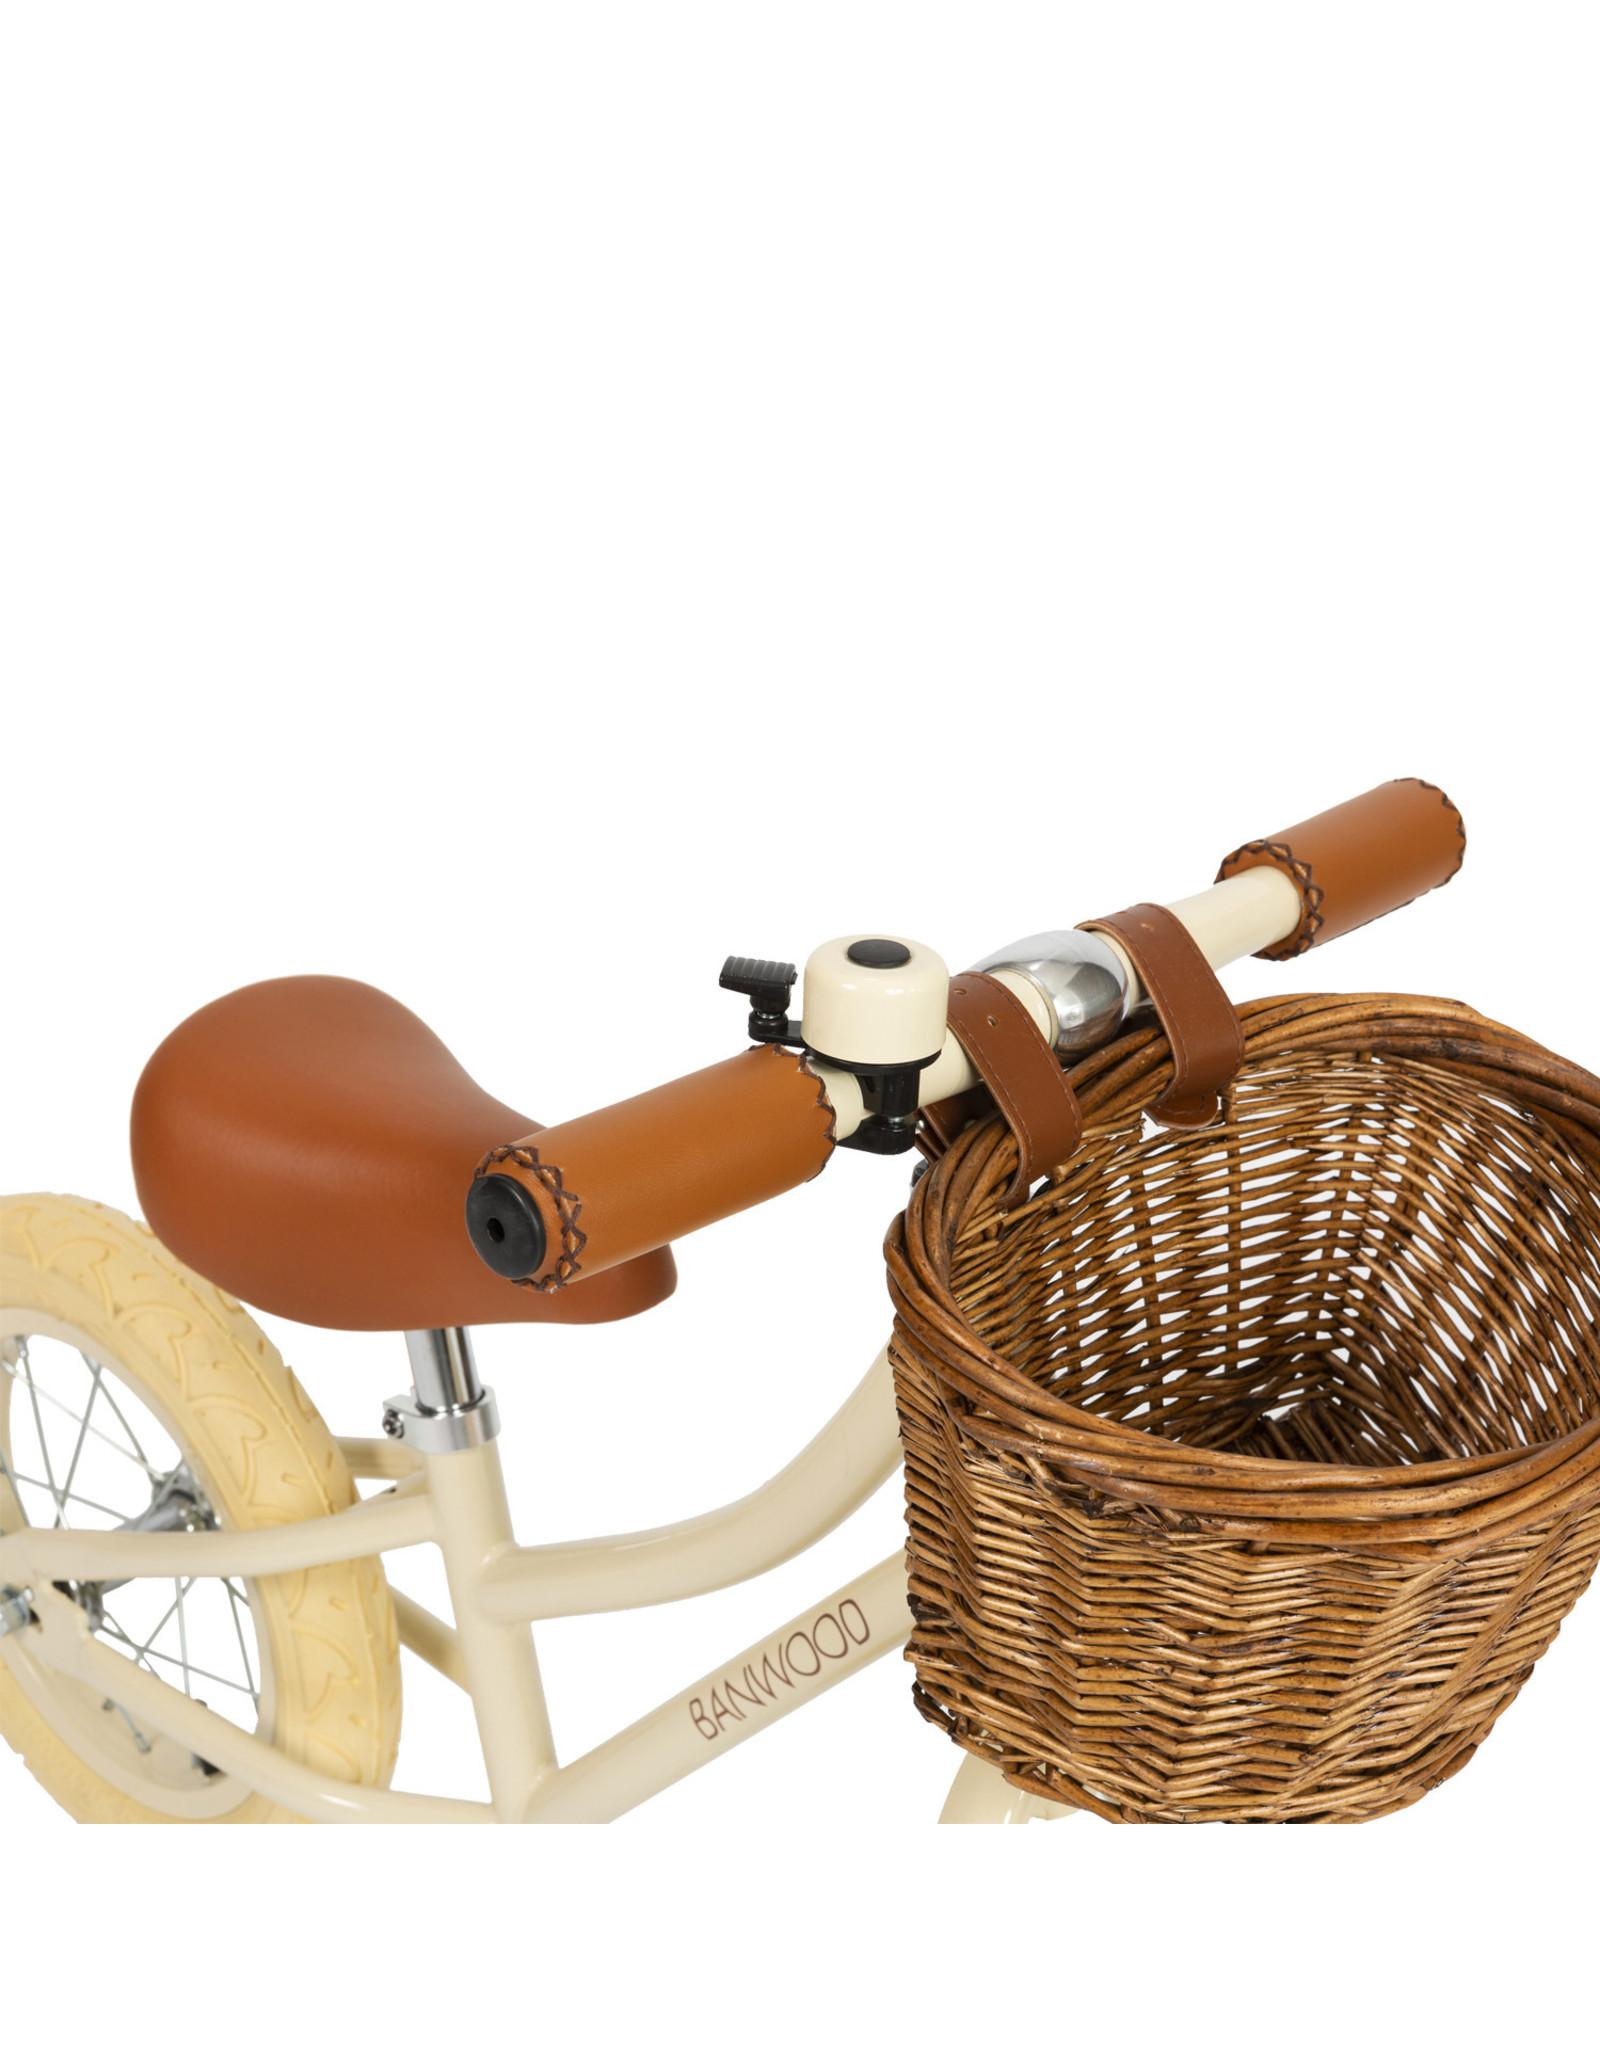 Banwood BANWOOD Cream Balance Bike